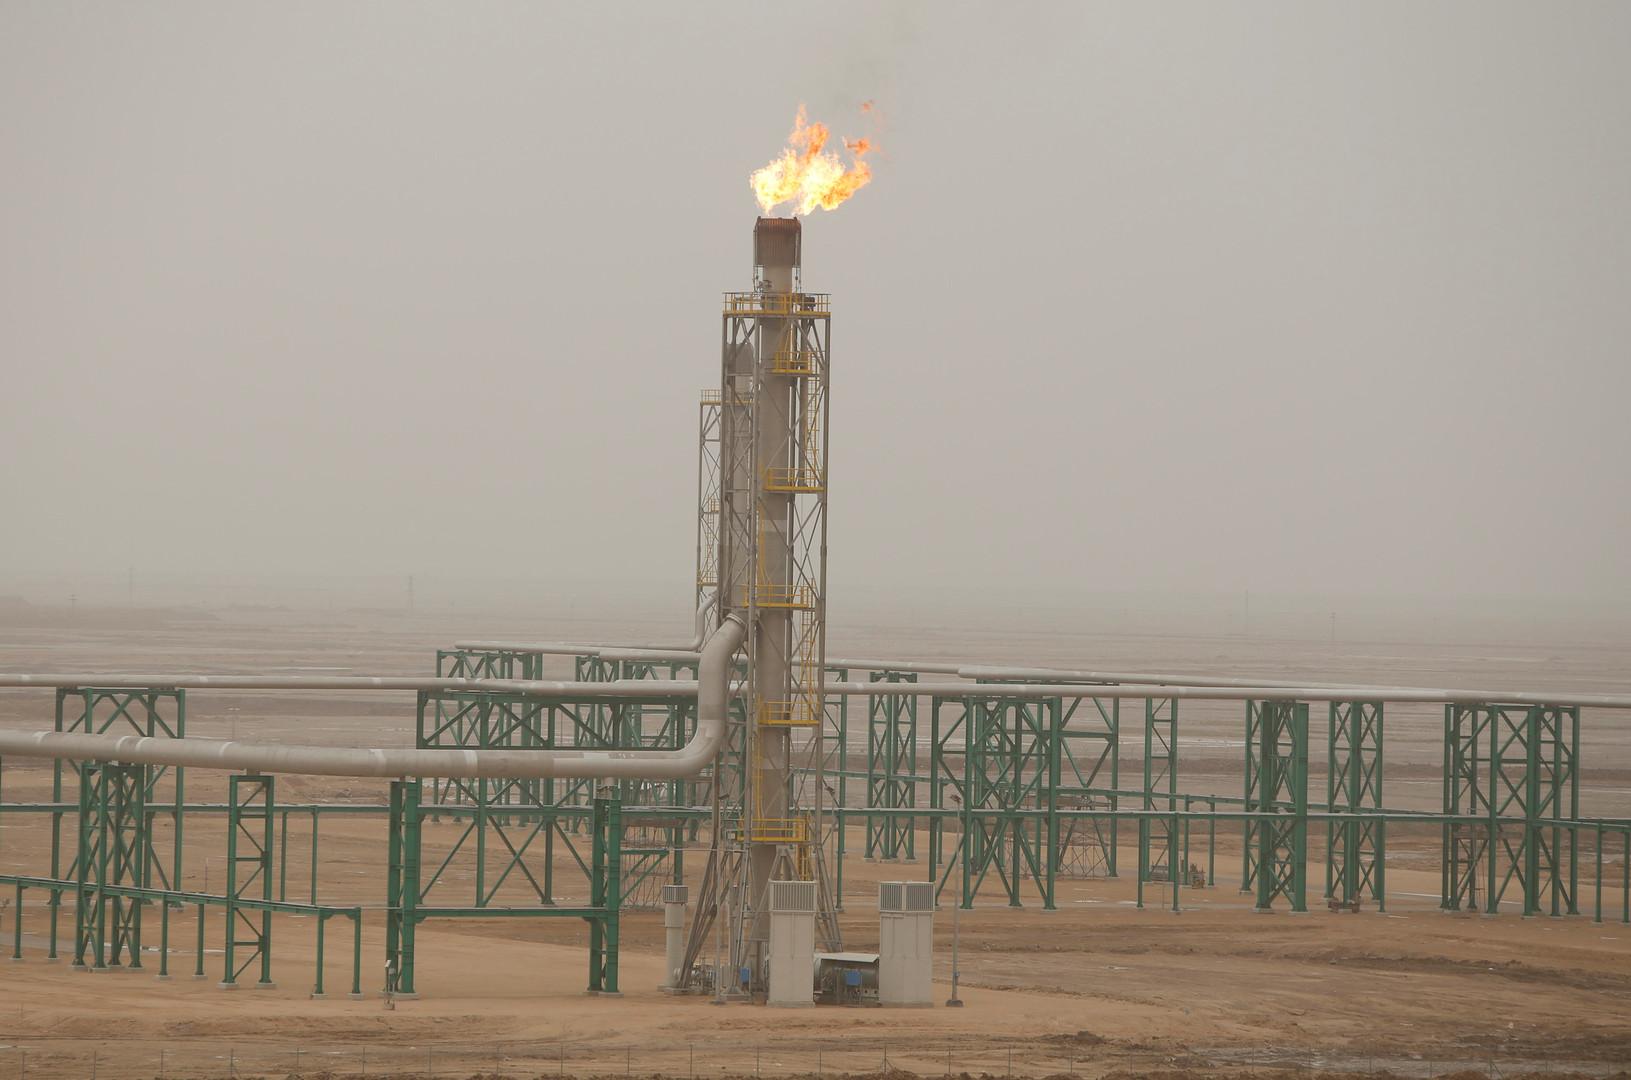 العراق.. ثالث أكبر منتج للنفط في العالم في 2030